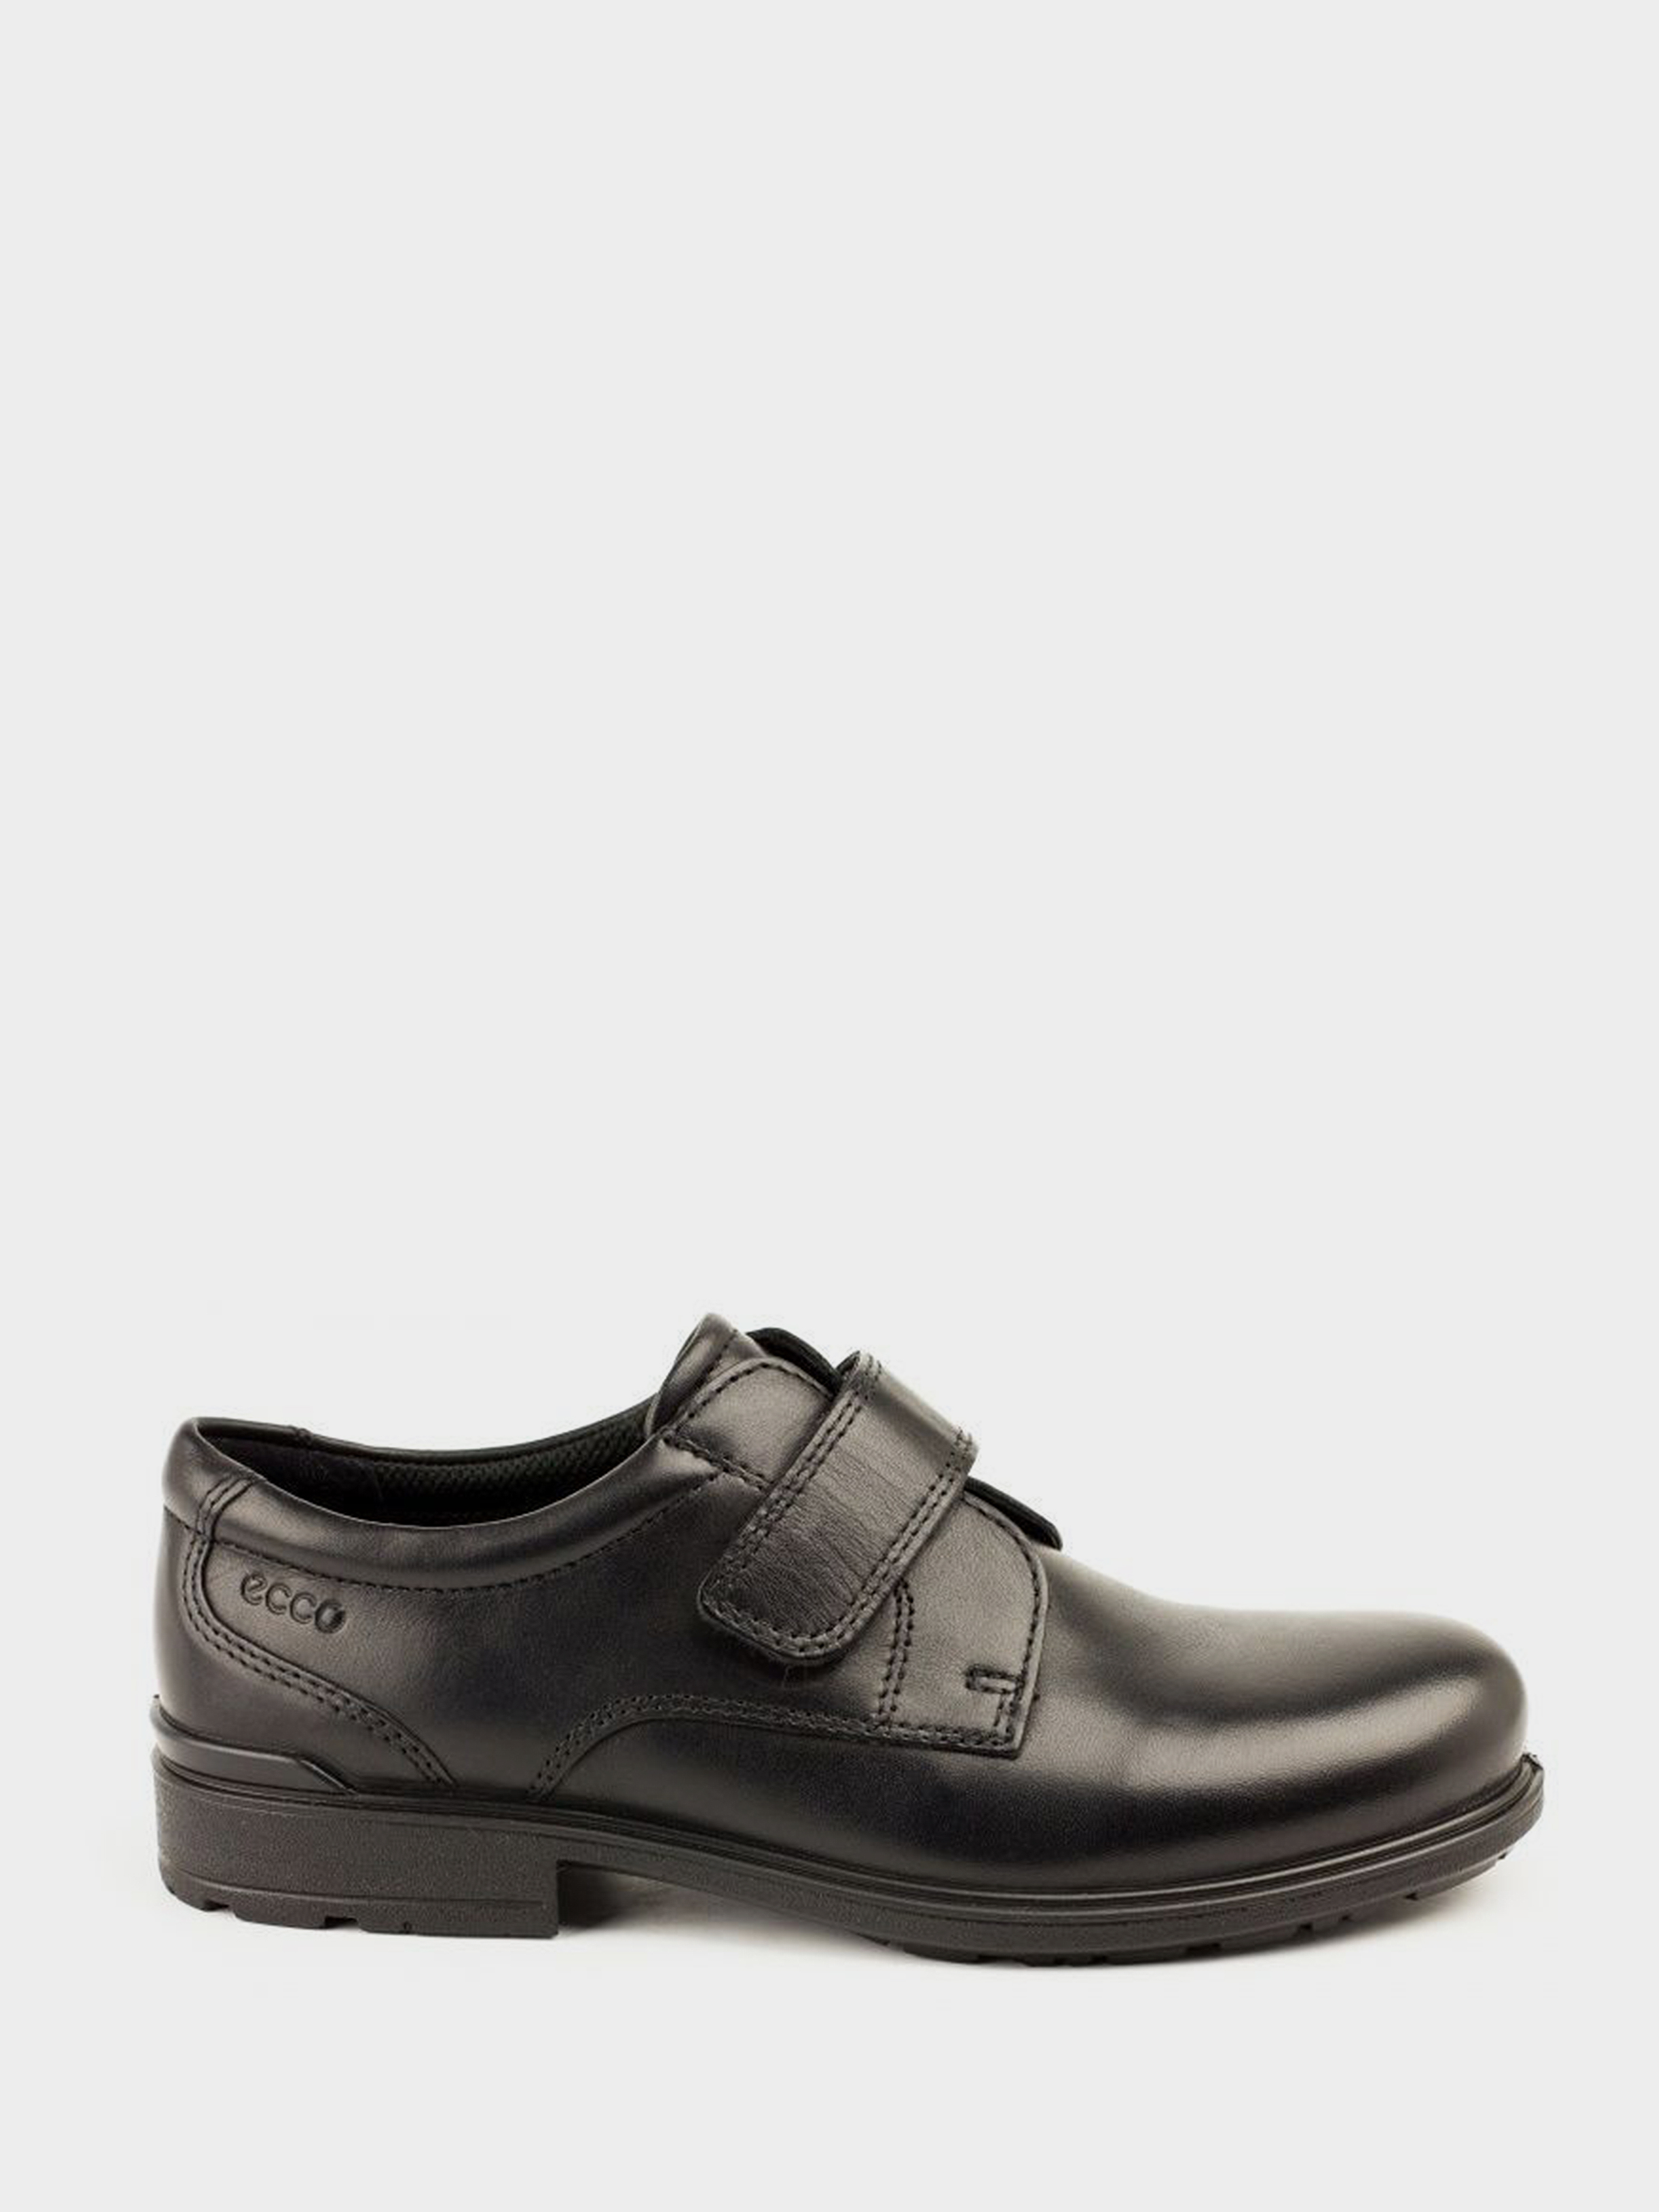 Туфли для детей ECCO COHEN ZK2746 размерная сетка обуви, 2017